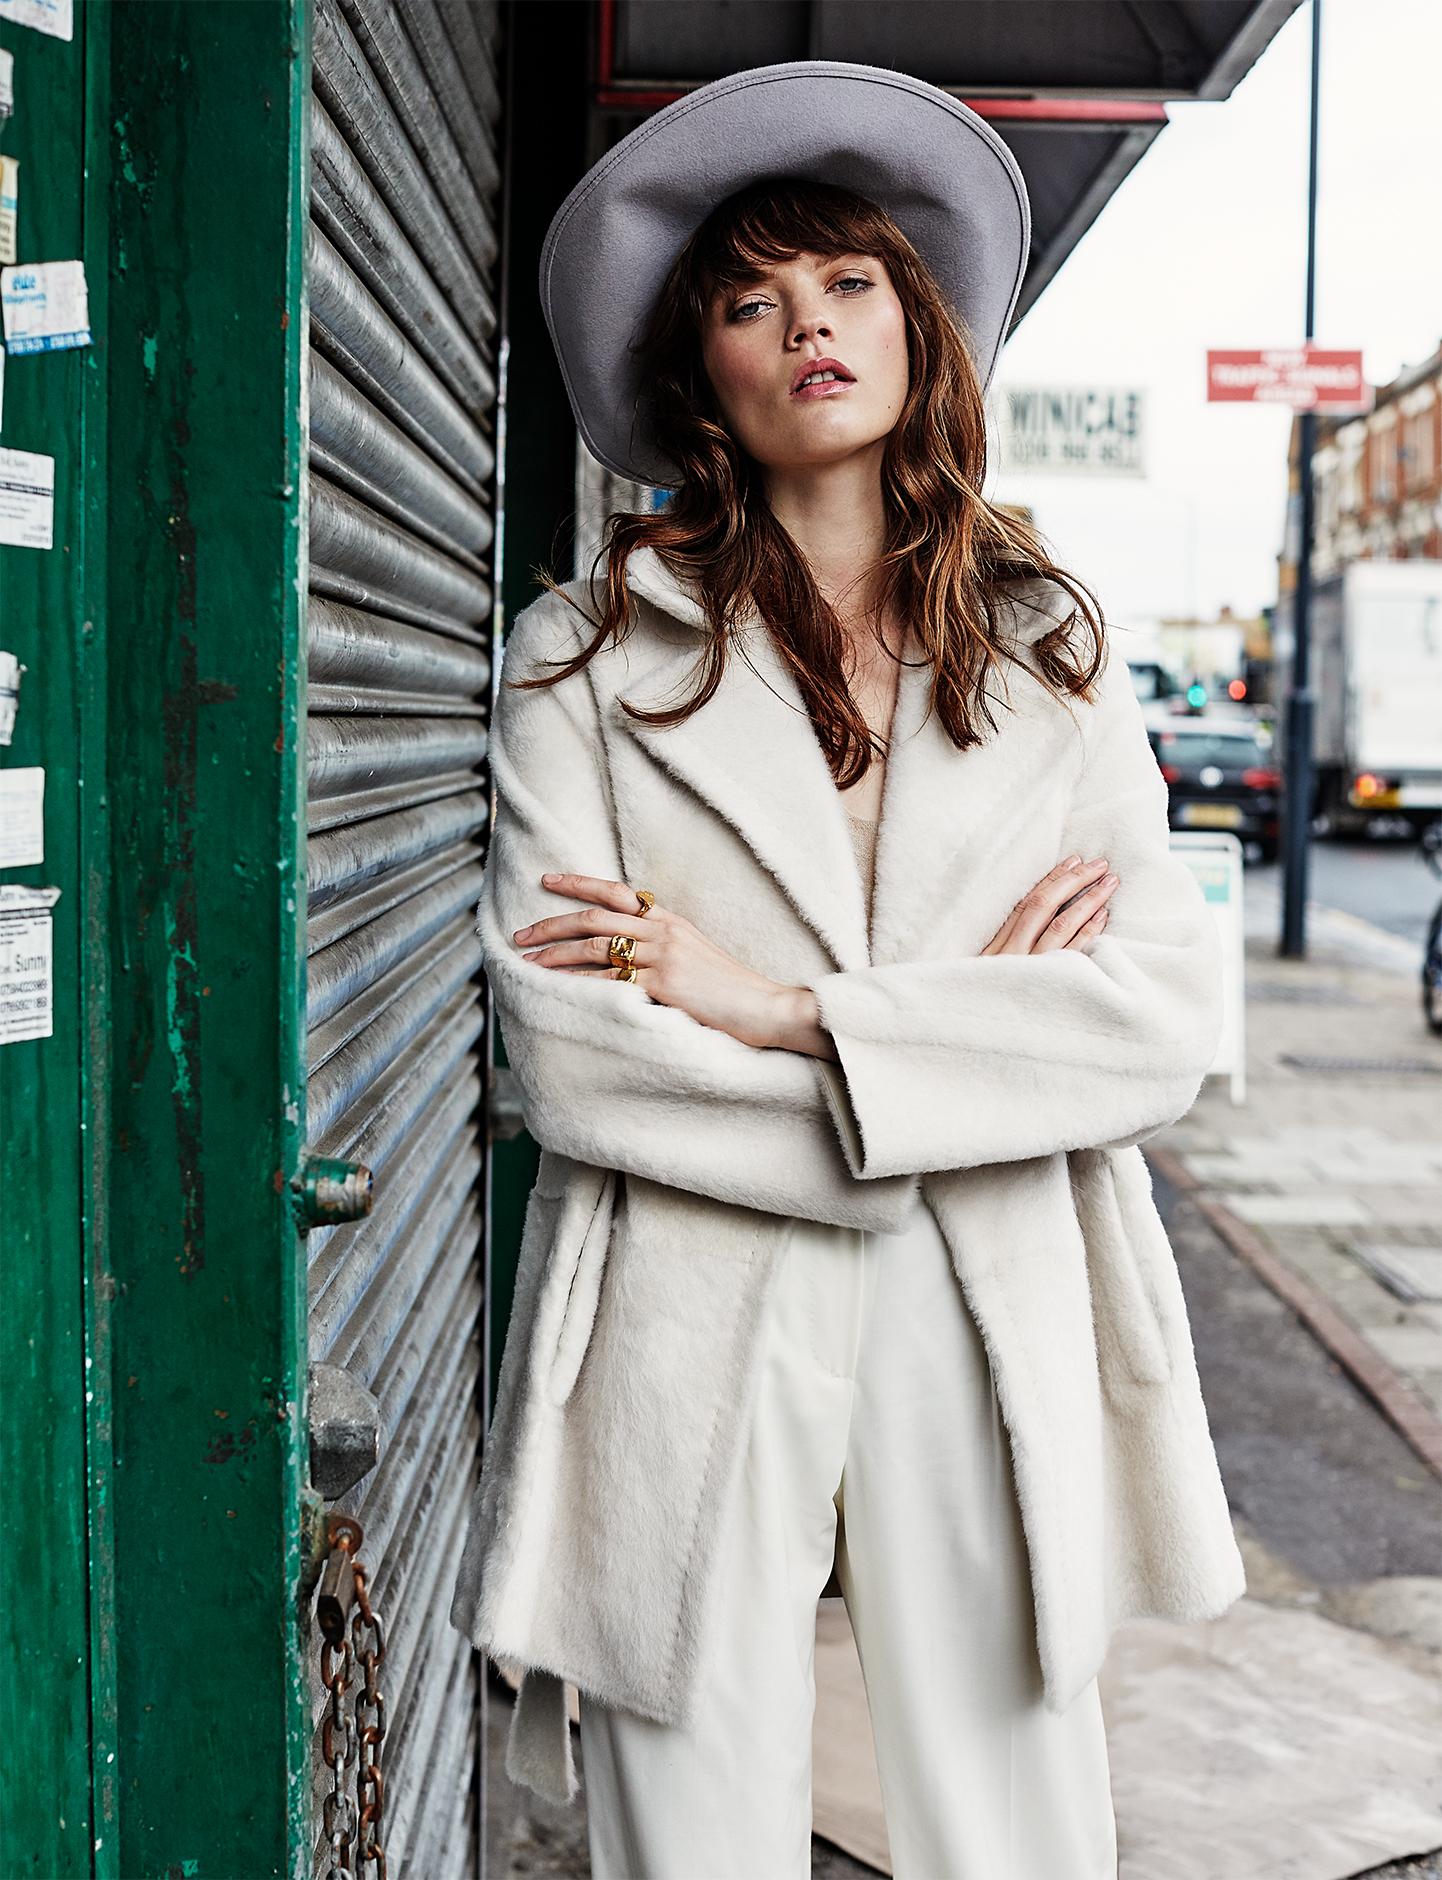 ELLE CROATIA | PHOTOGRAPHY Paul Berends @ EE AGency | MUAH Pascale Hoogstraate @ EE AGency | Model Grace Anderson @ Premier Models